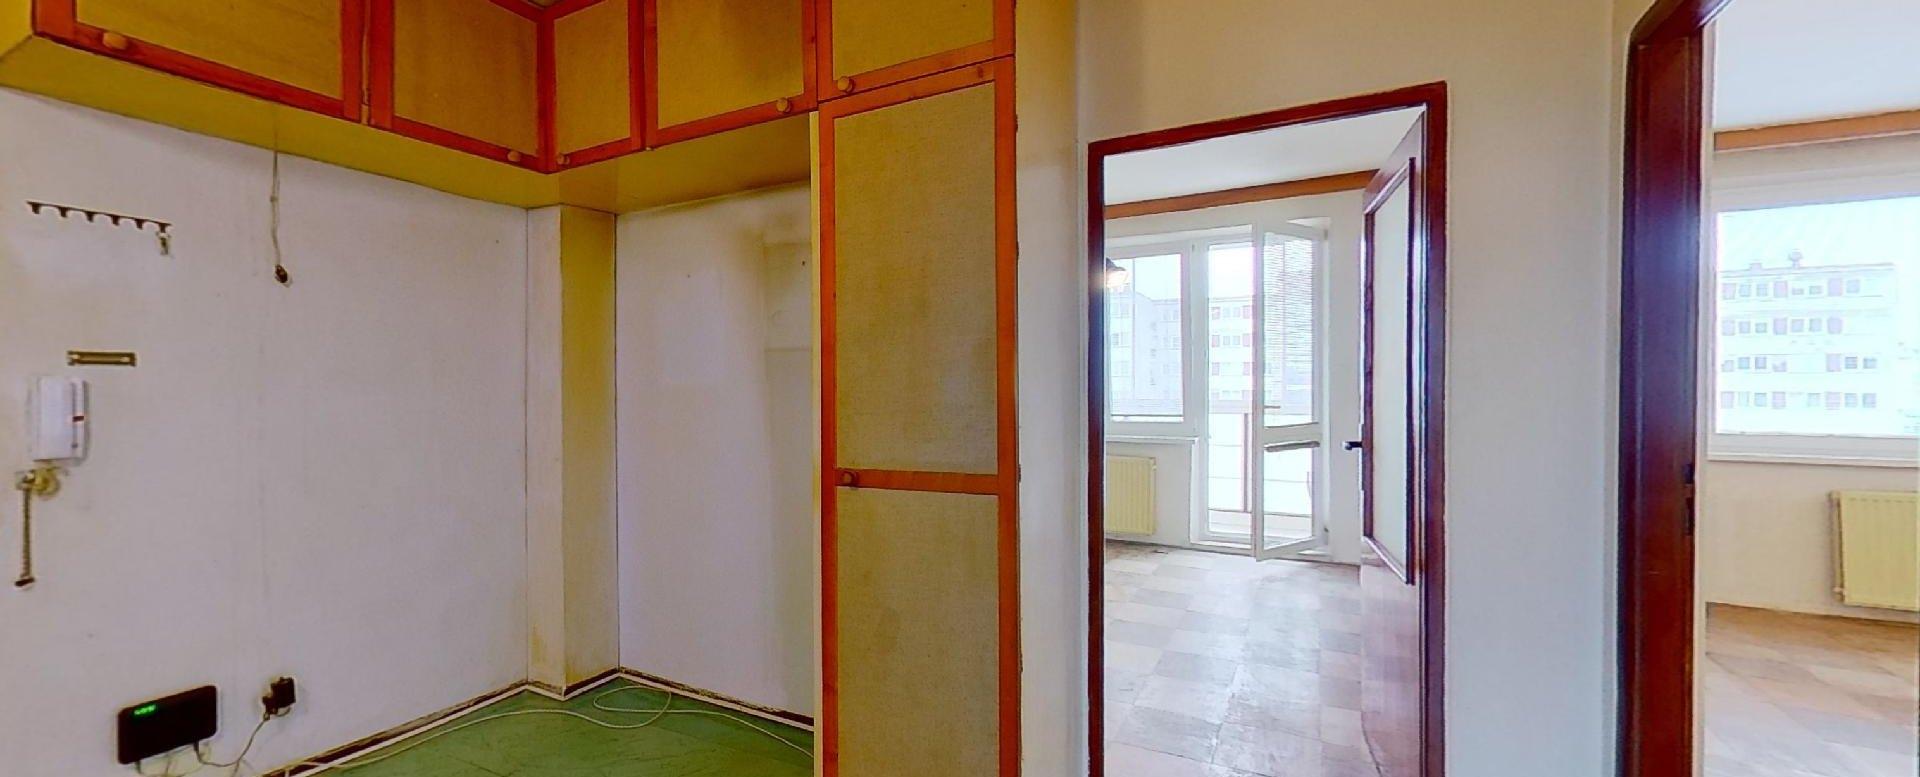 Miesto pre vstavanú skriňu v 3-izbovom byte na Pražskej ulici v Košiciach